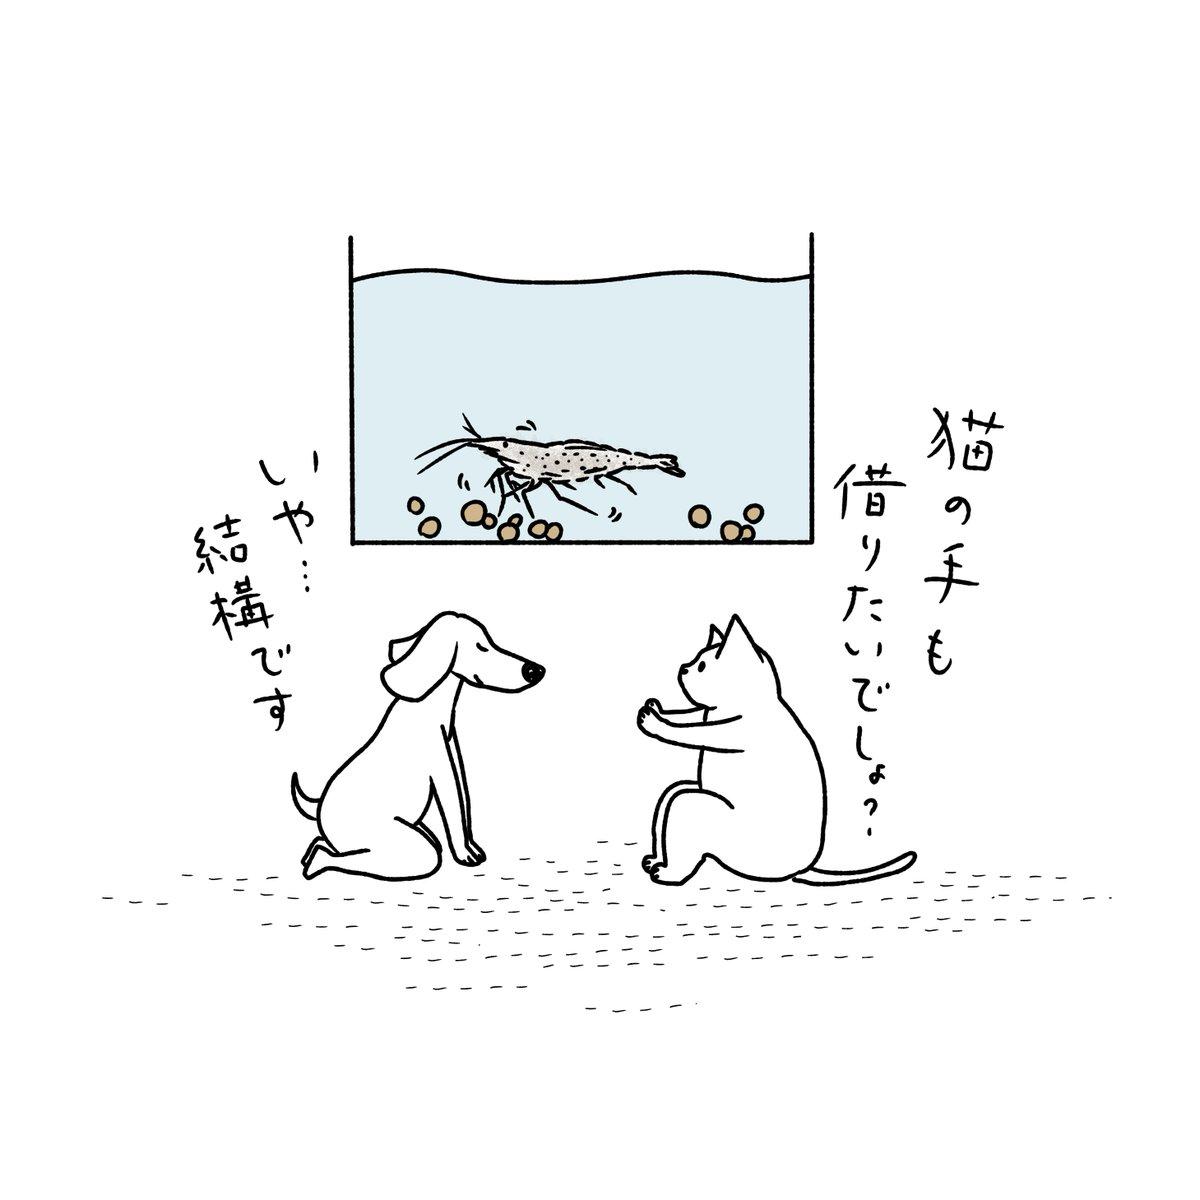 石川ともこ On Twitter 水槽のエビが沢山の手でずっとコケ掃除をしてい